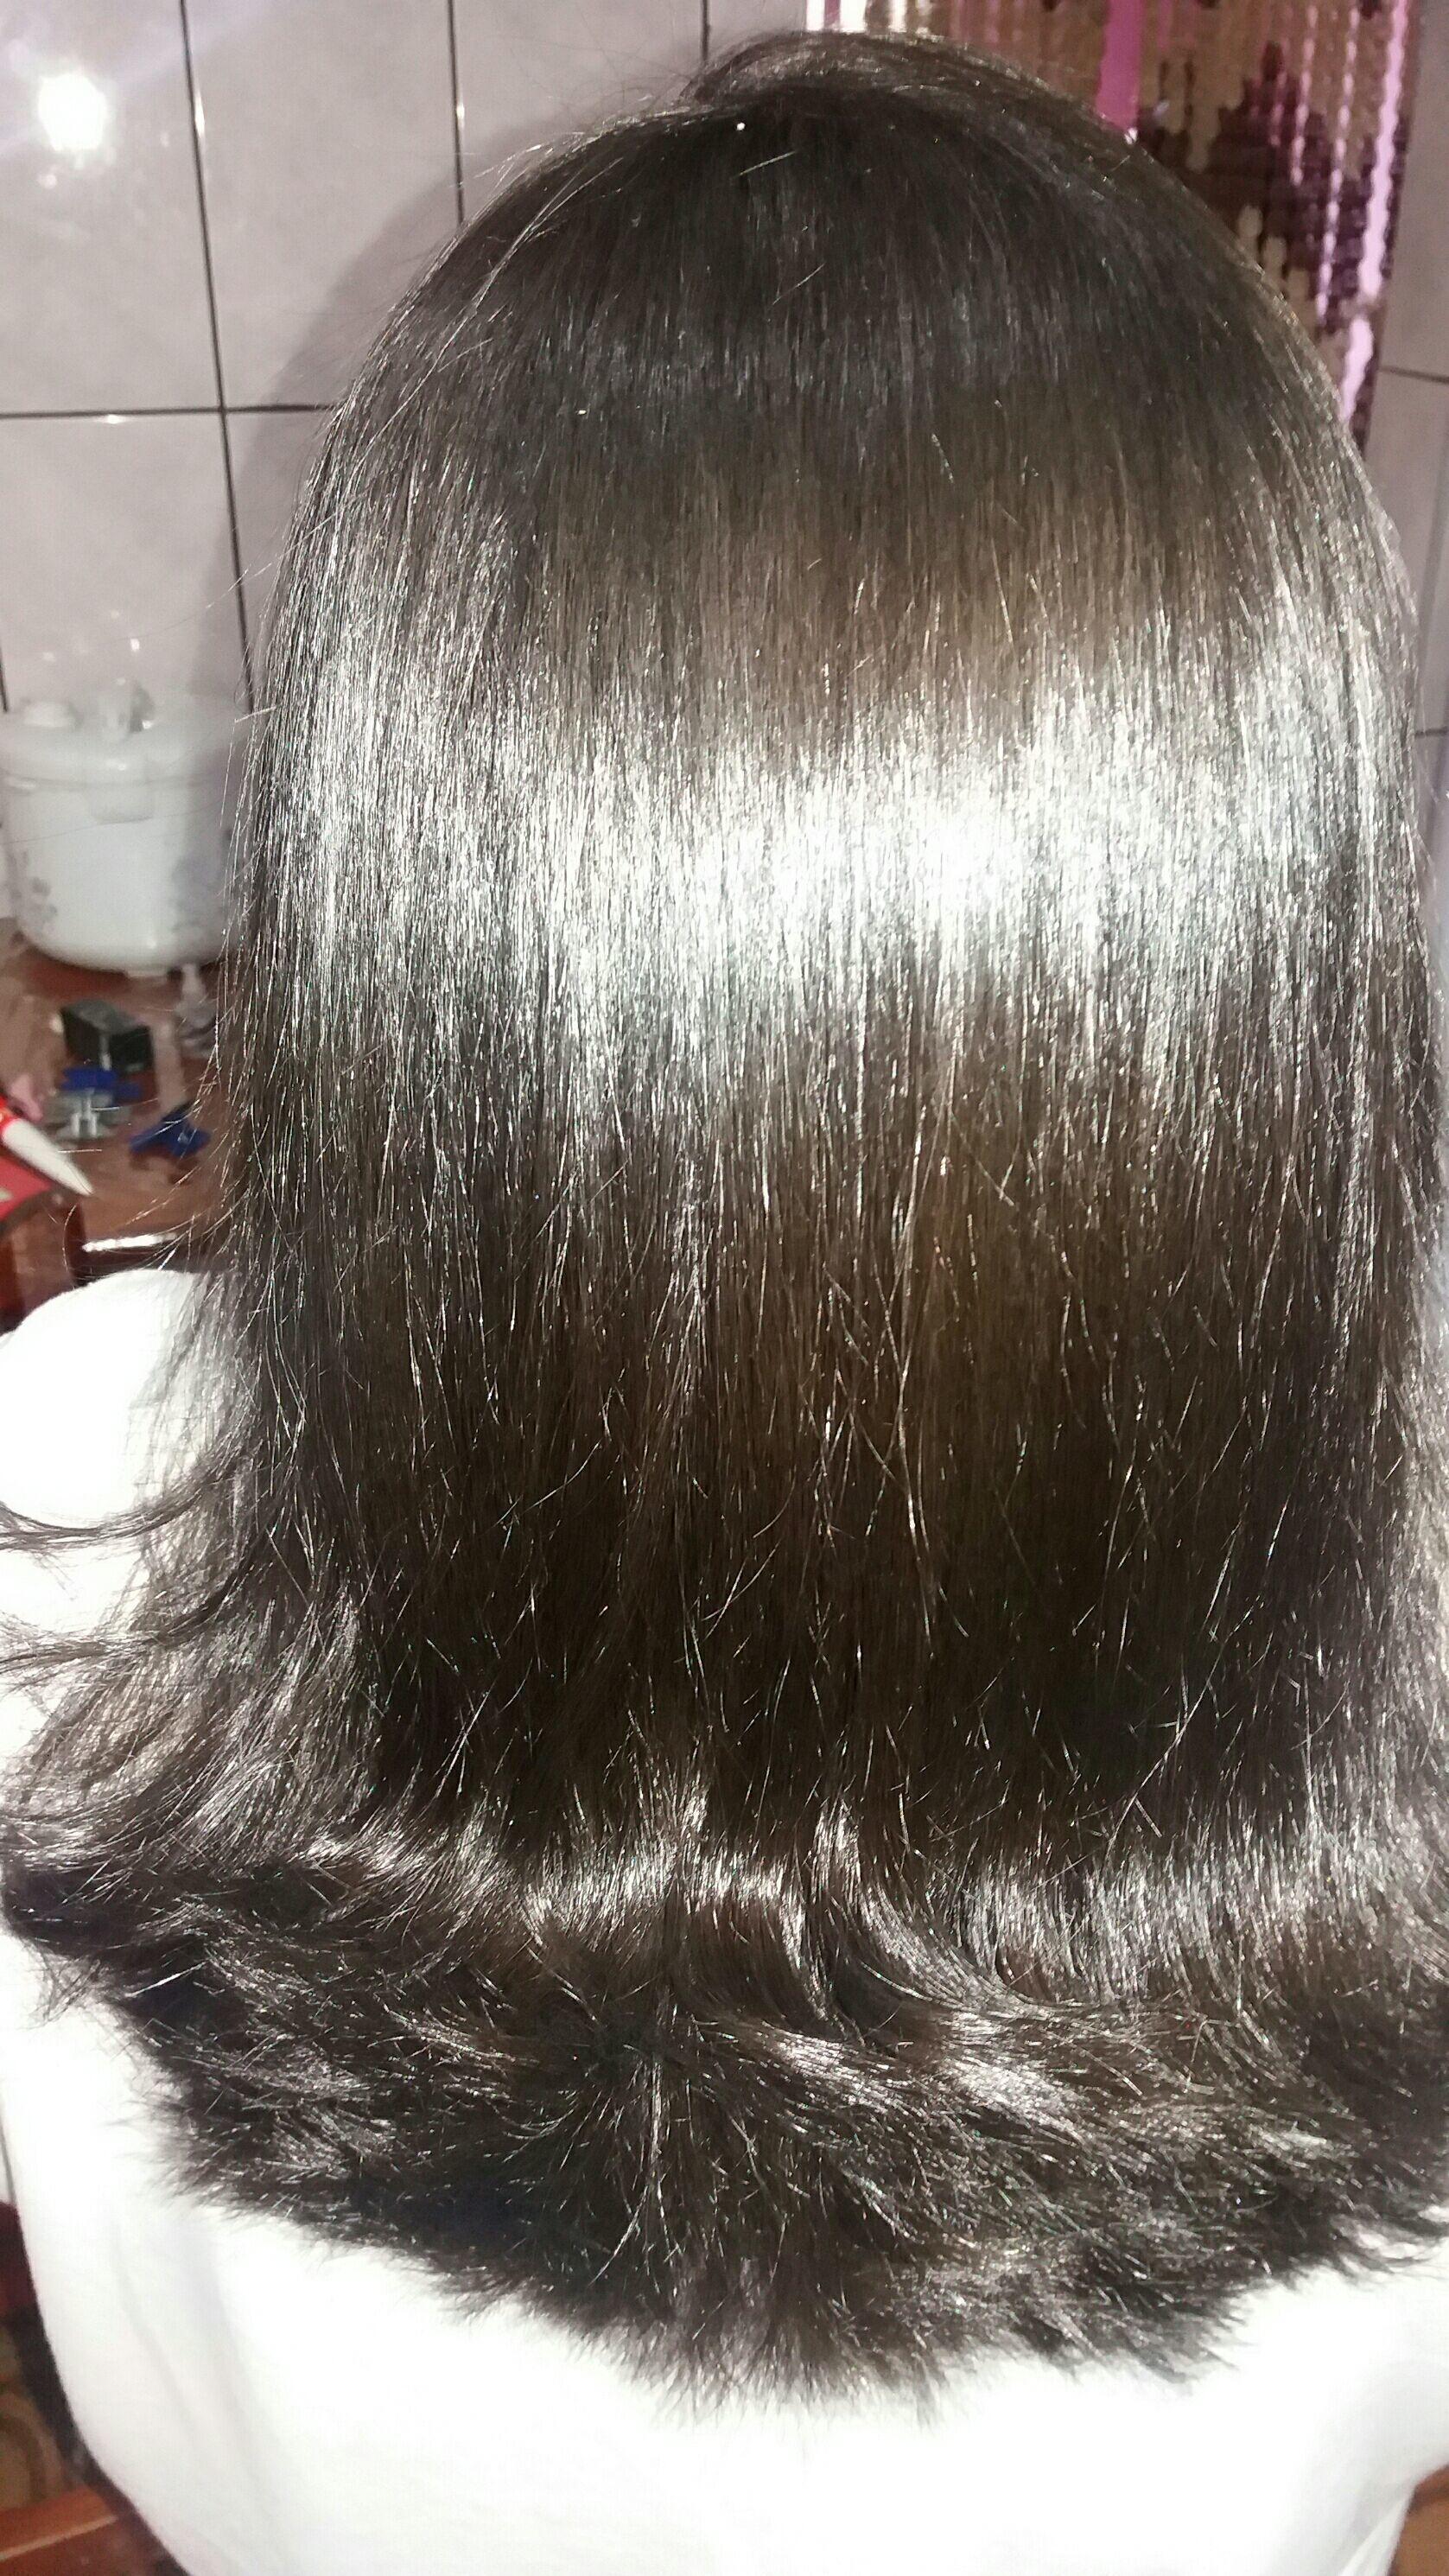 Corte e Escova cabelo maquiador(a) designer de sobrancelhas maquiador(a) maquiador(a)